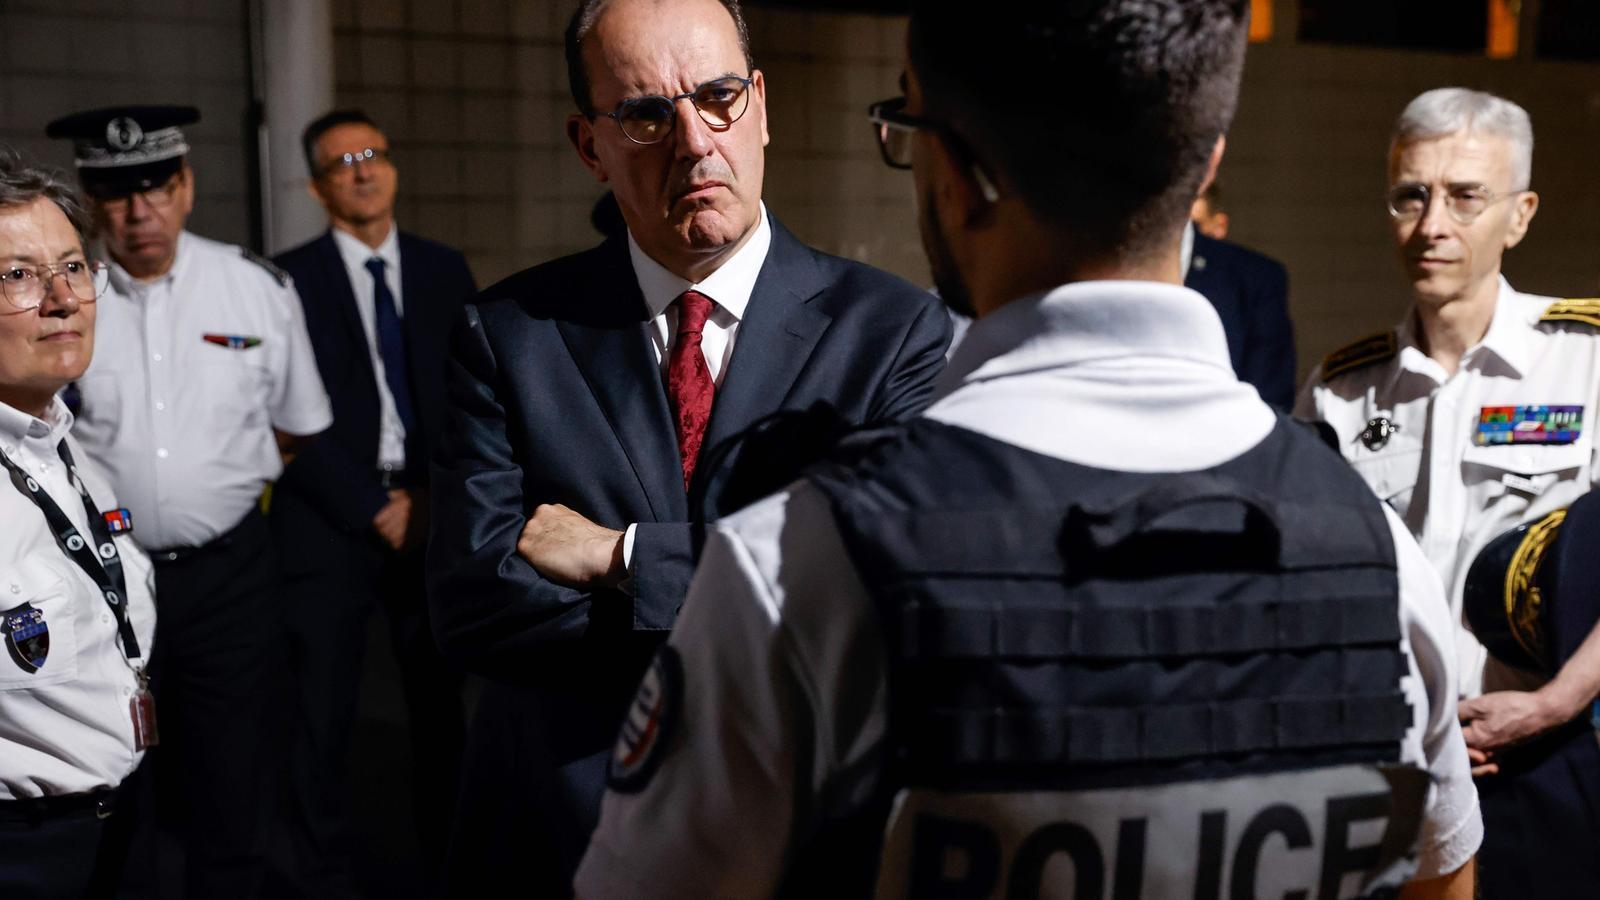 Jean Castex escoltant un policia durant el seu primer acte oficial com a nou primer ministre, en una visita a una comissaria del nord de París